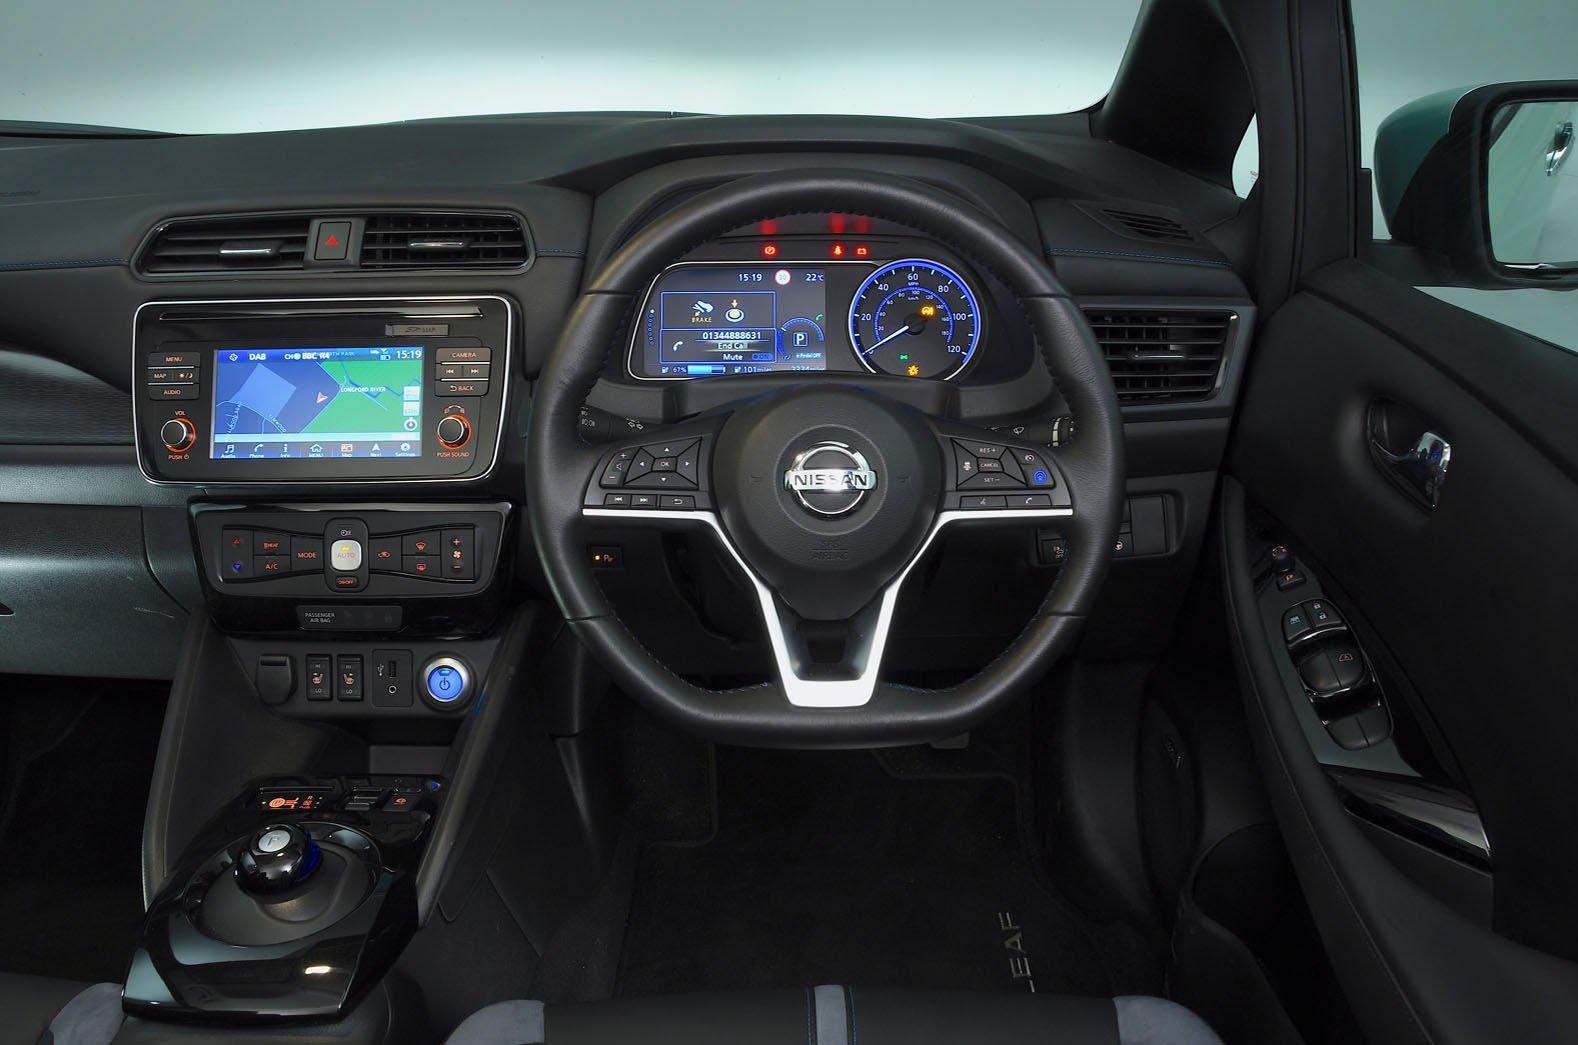 Nissan Leaf dashboard